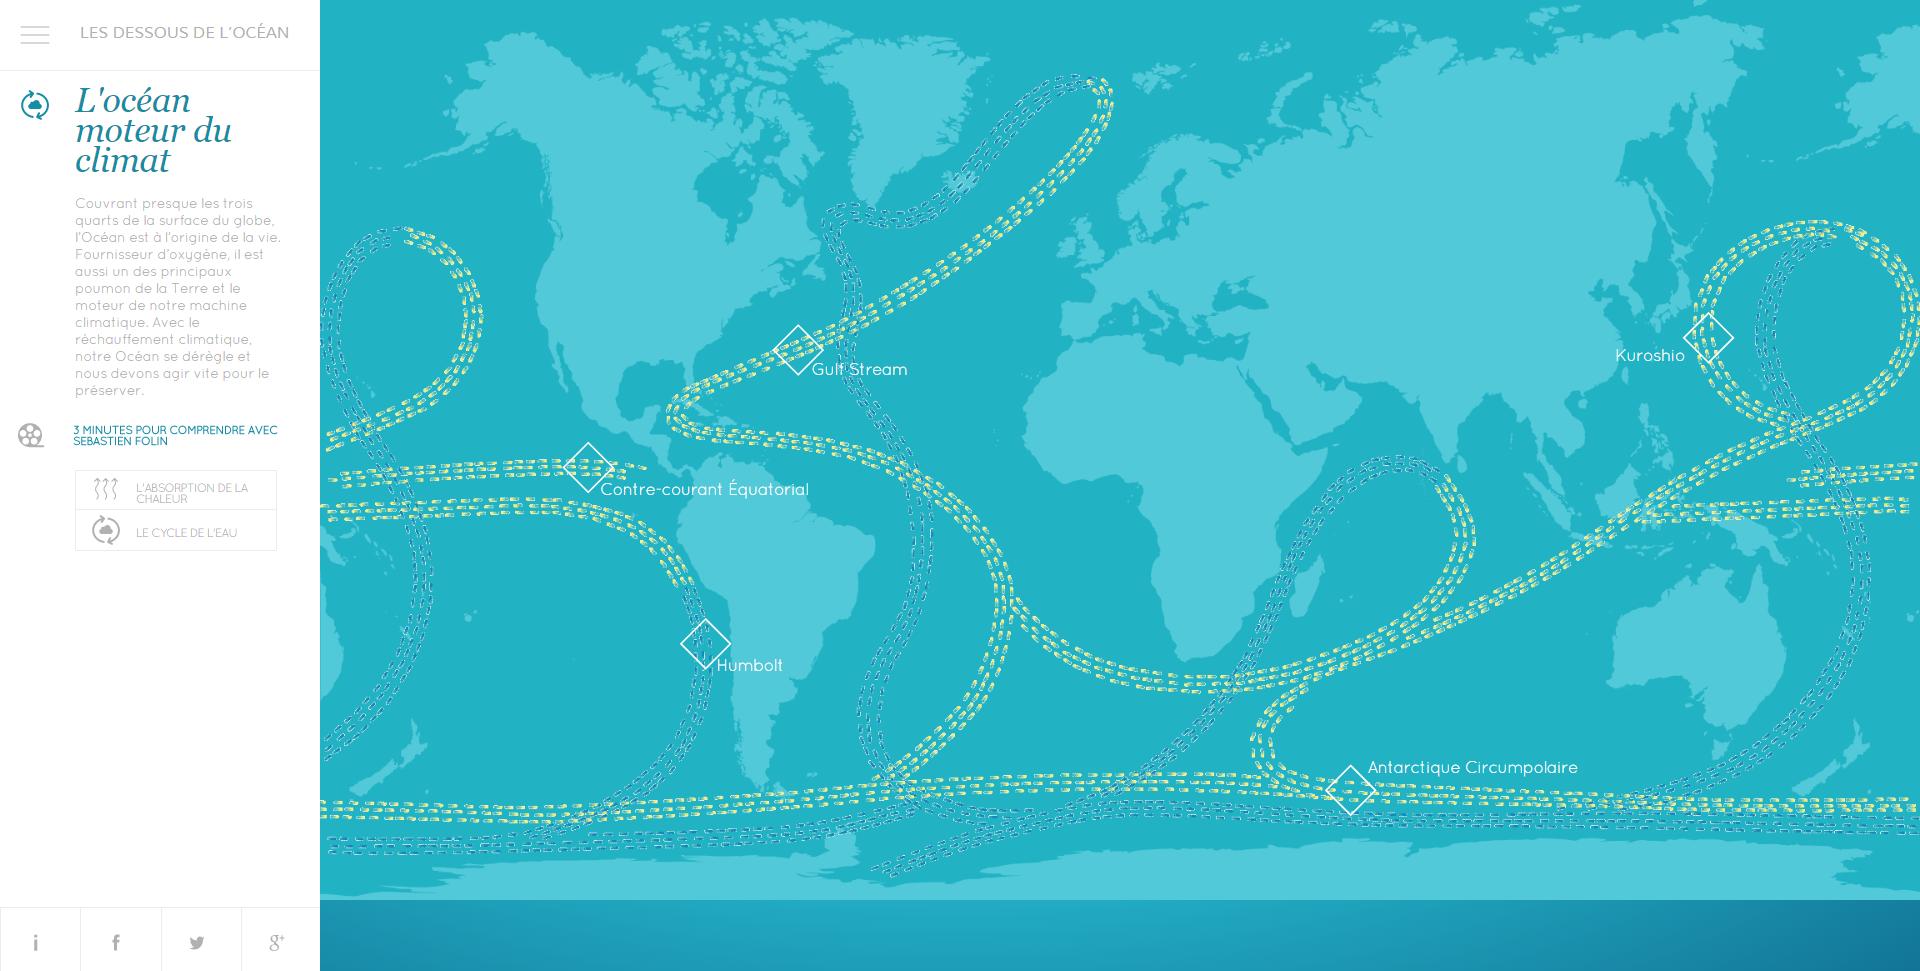 Webdocumentaire Les dessous de l'océan